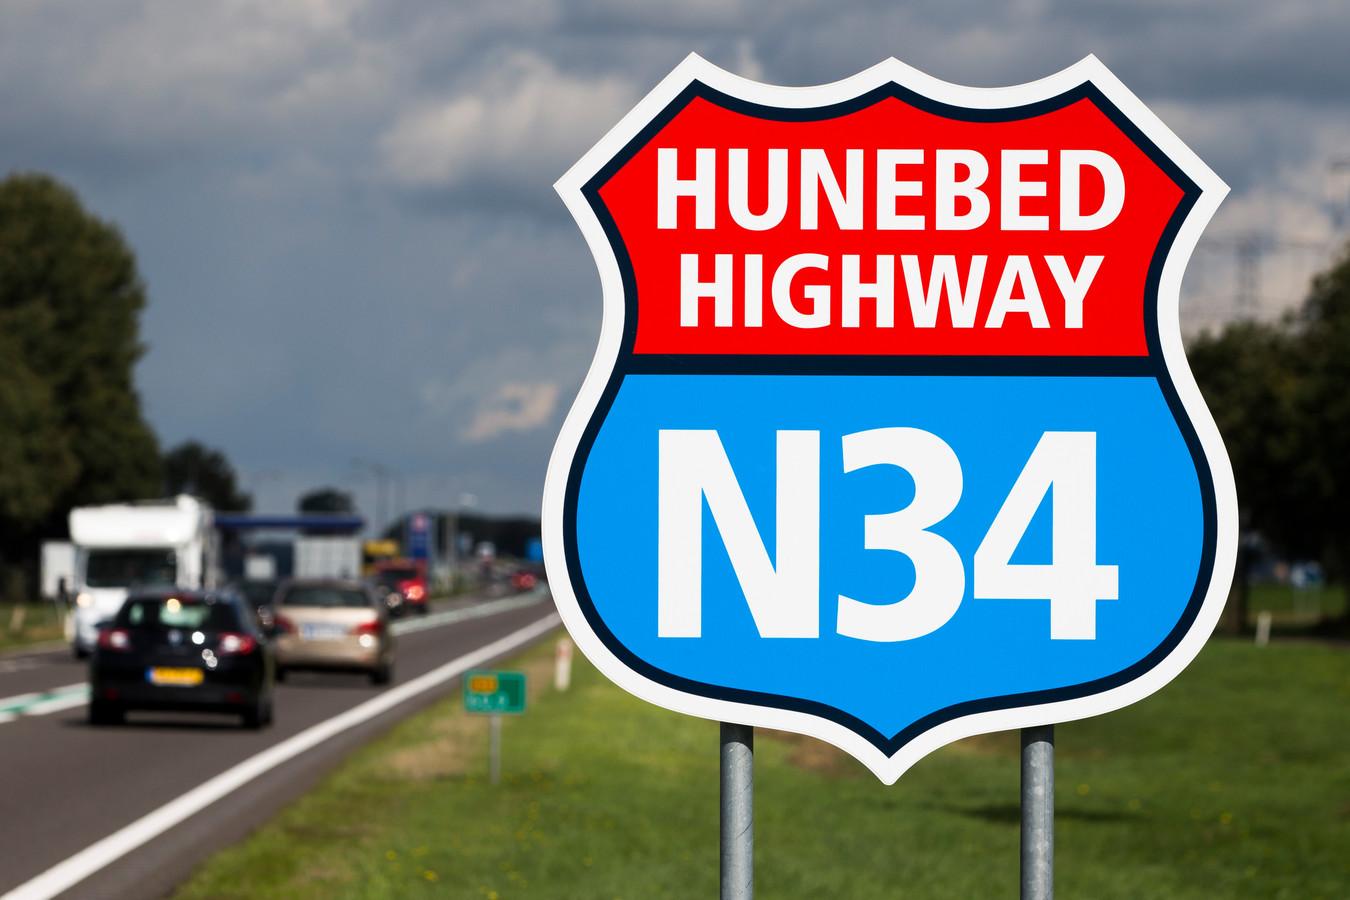 Bord met logo van de Hunebed Highway, de Drentse provinciale weg N34 die van Zuidlaren tot Coevorden loopt.